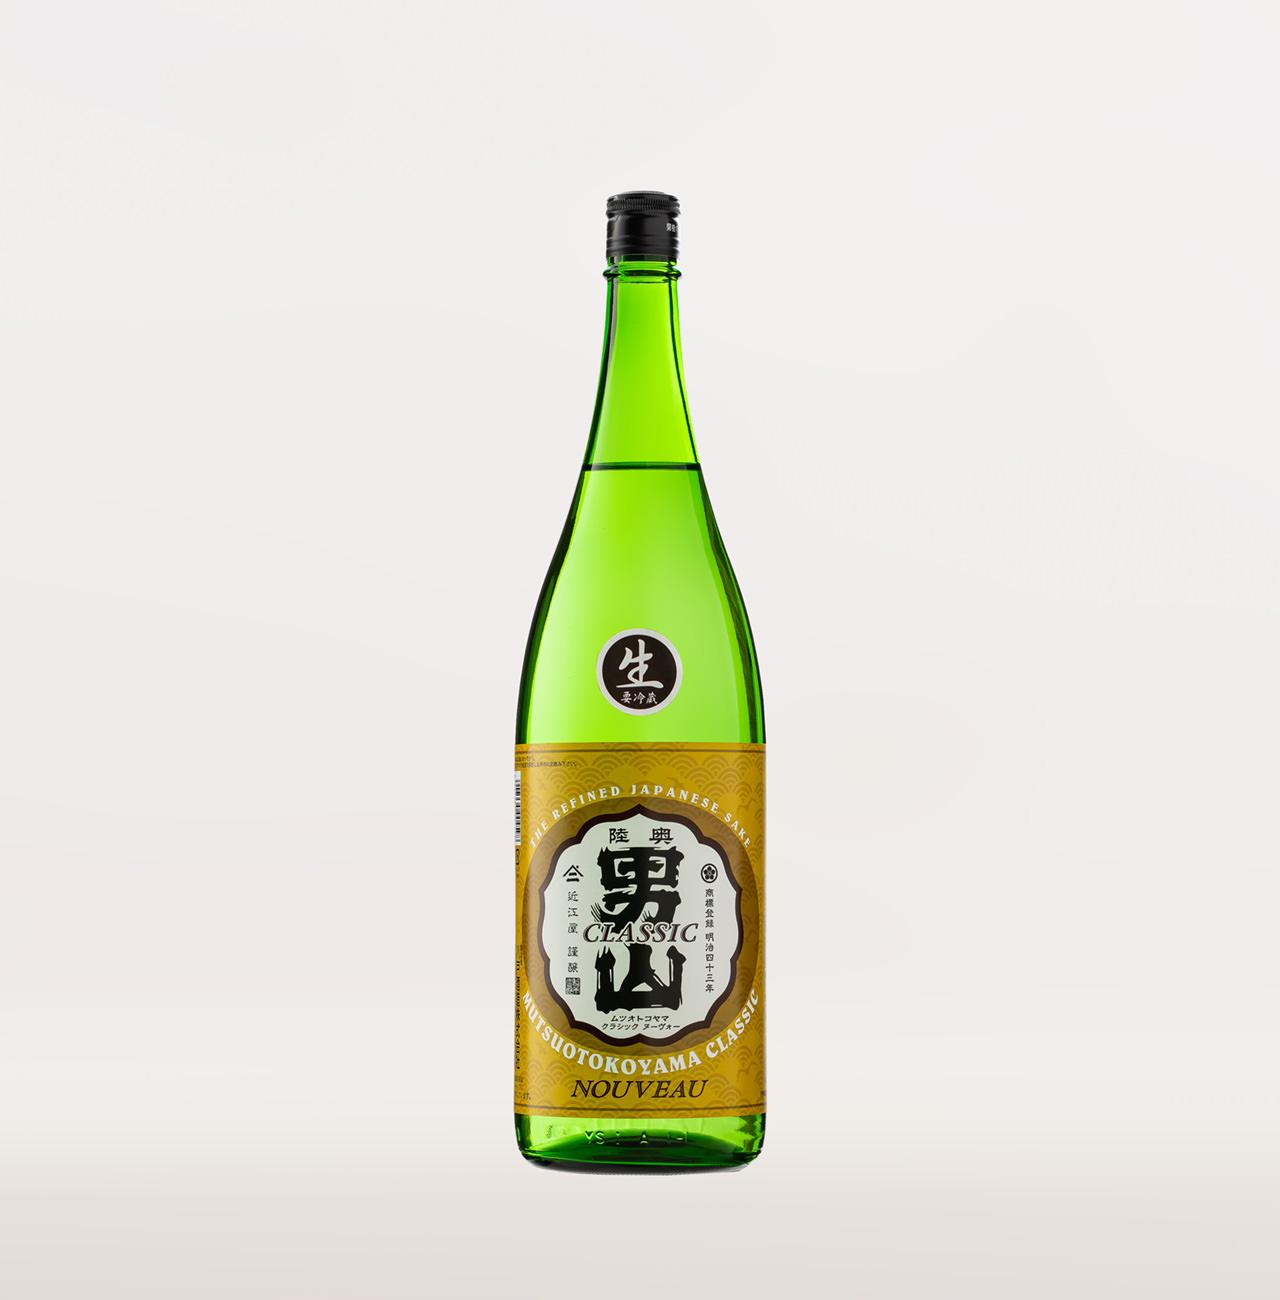 陸奥男山 クラシック ヌーボー (普通酒・生) 1,800ml